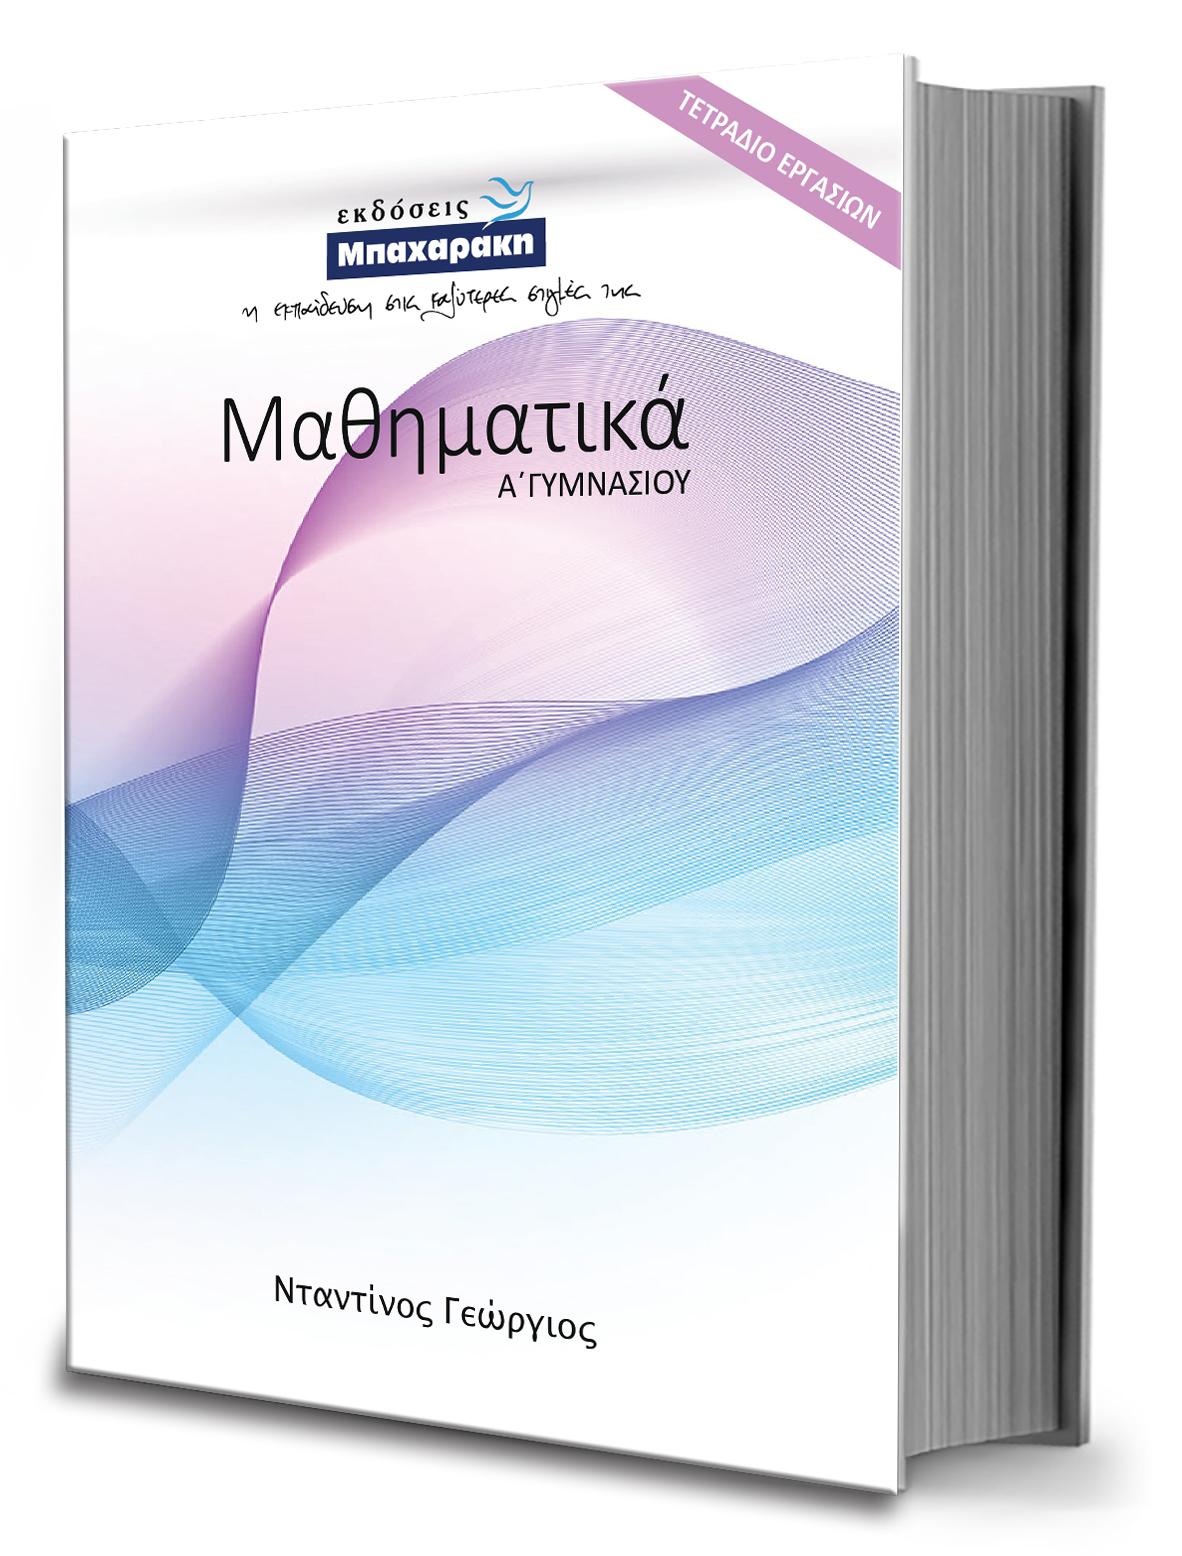 Εκδόσεις Μπαχαράκη: Βίβλίο με τίτλο: ΜΑΘΗΜΑΤΙΚΑ Α' Γυμνασίου (Τετράδιο Εργασιών)